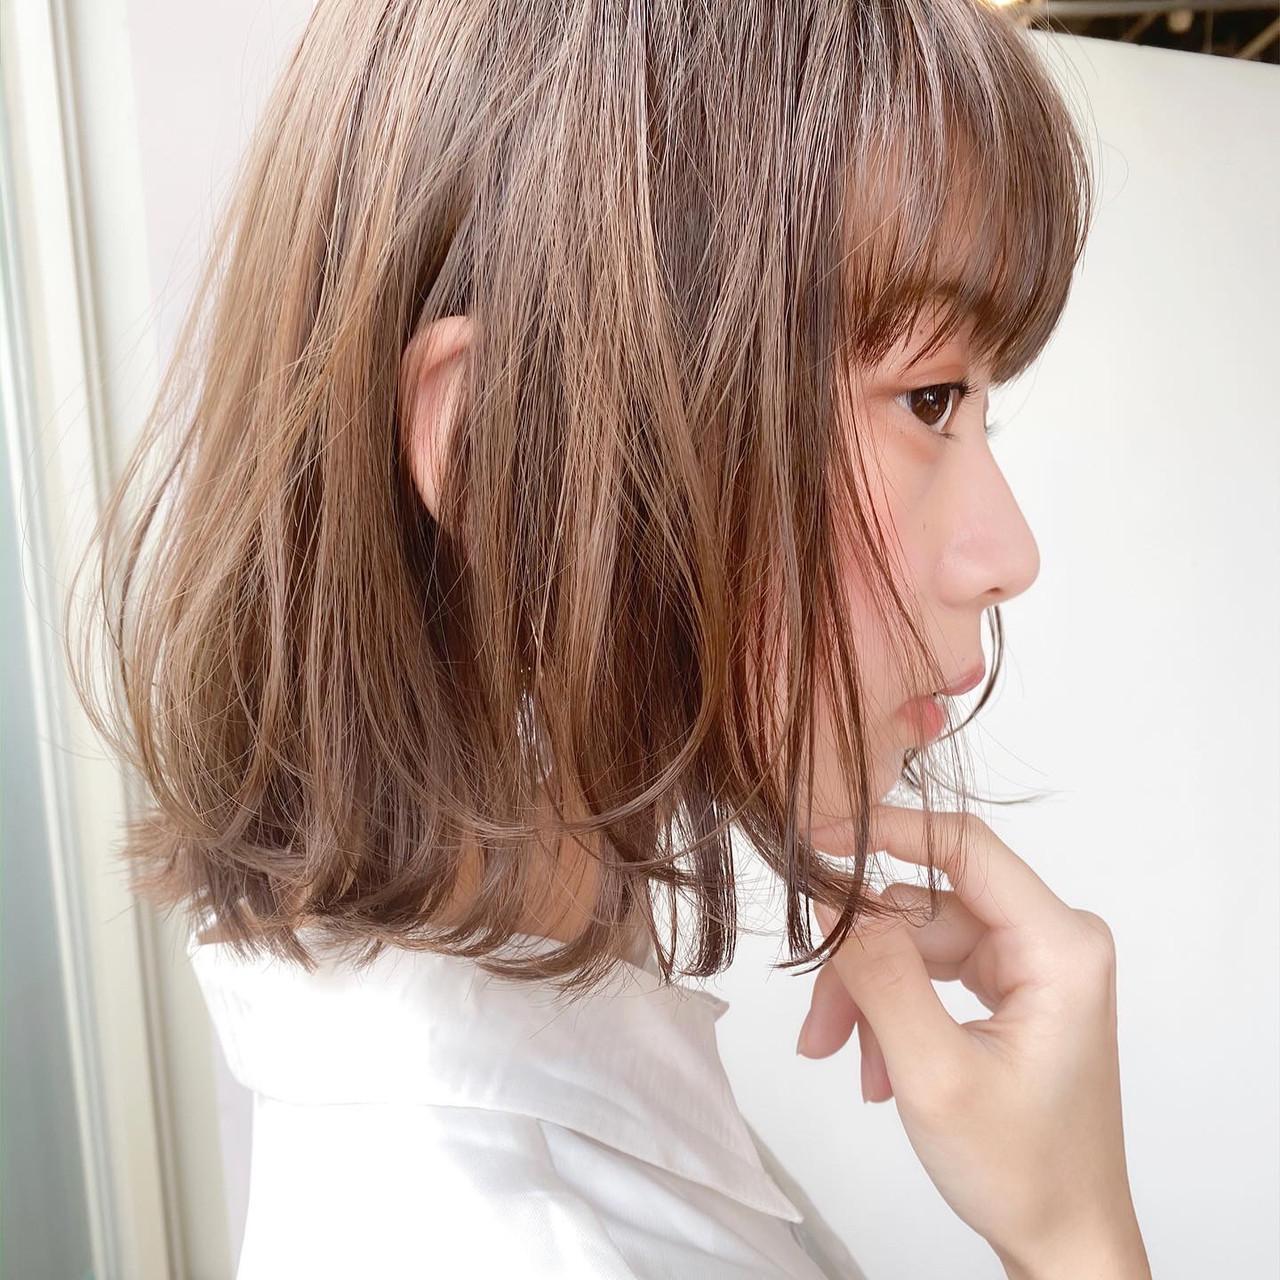 レイヤースタイル ボブ ナチュラル レイヤーカット ヘアスタイルや髪型の写真・画像